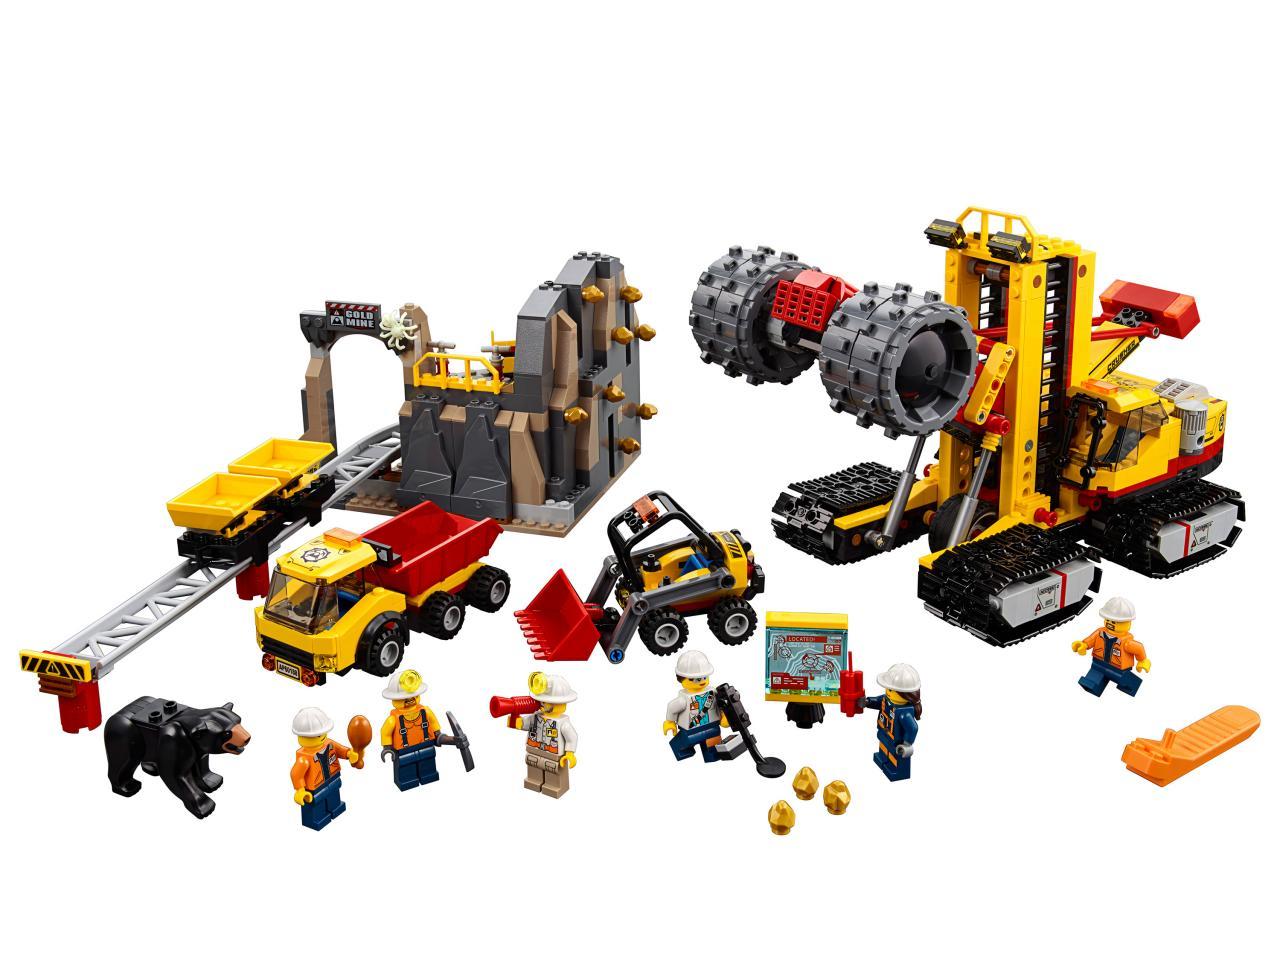 Купить Конструктор LEGO 60188 City Mining Шахта, пластик, Для мальчиков и девочек, Чехия, Конструкторы